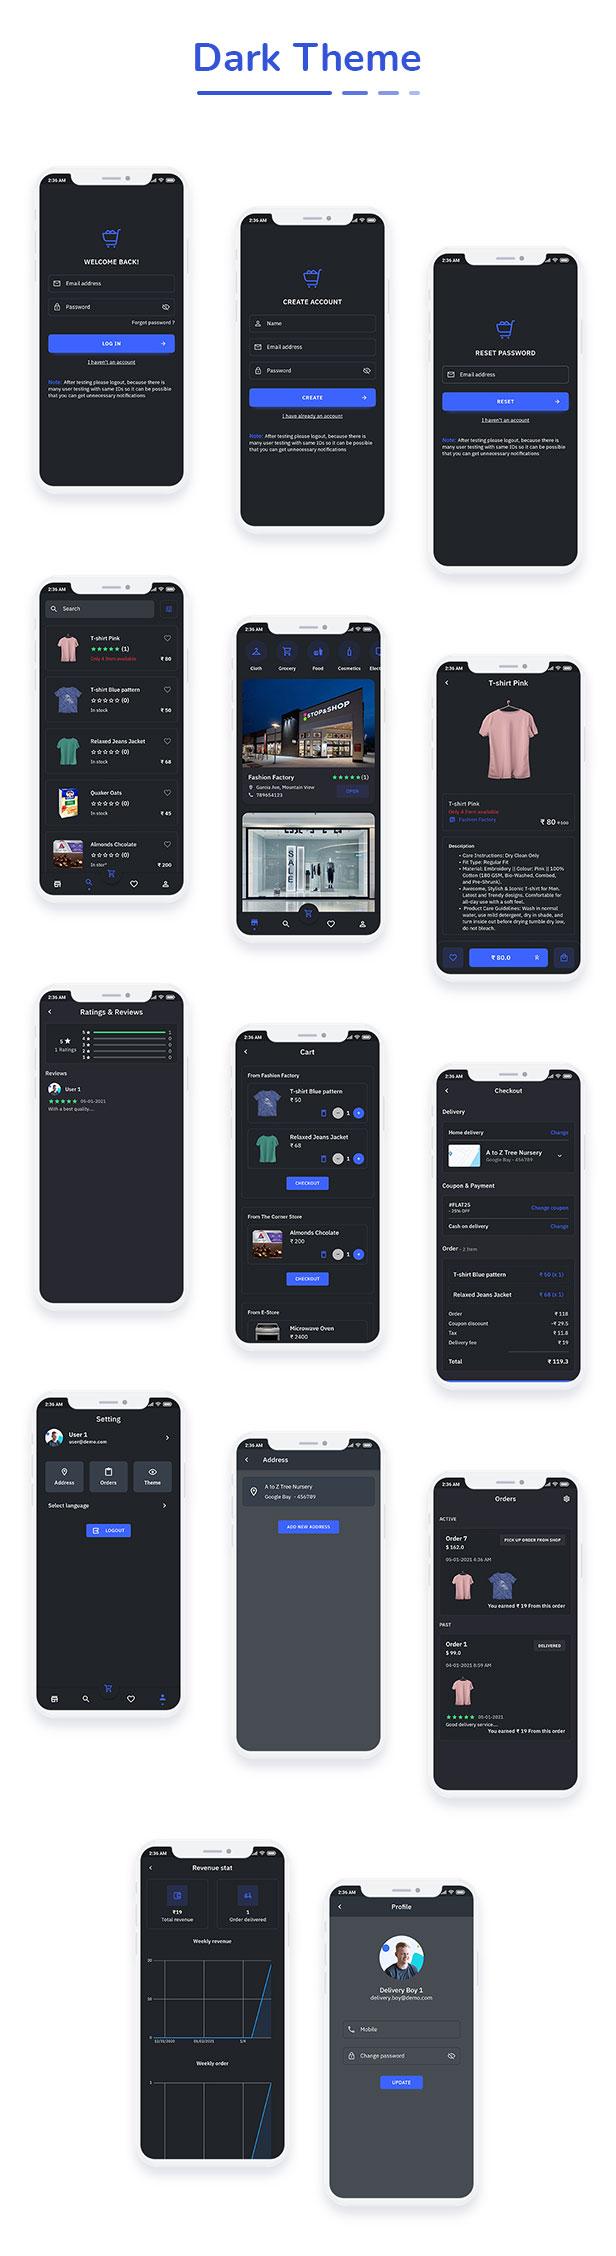 EMall | Multi Vendor E-Commerce Full App - 14